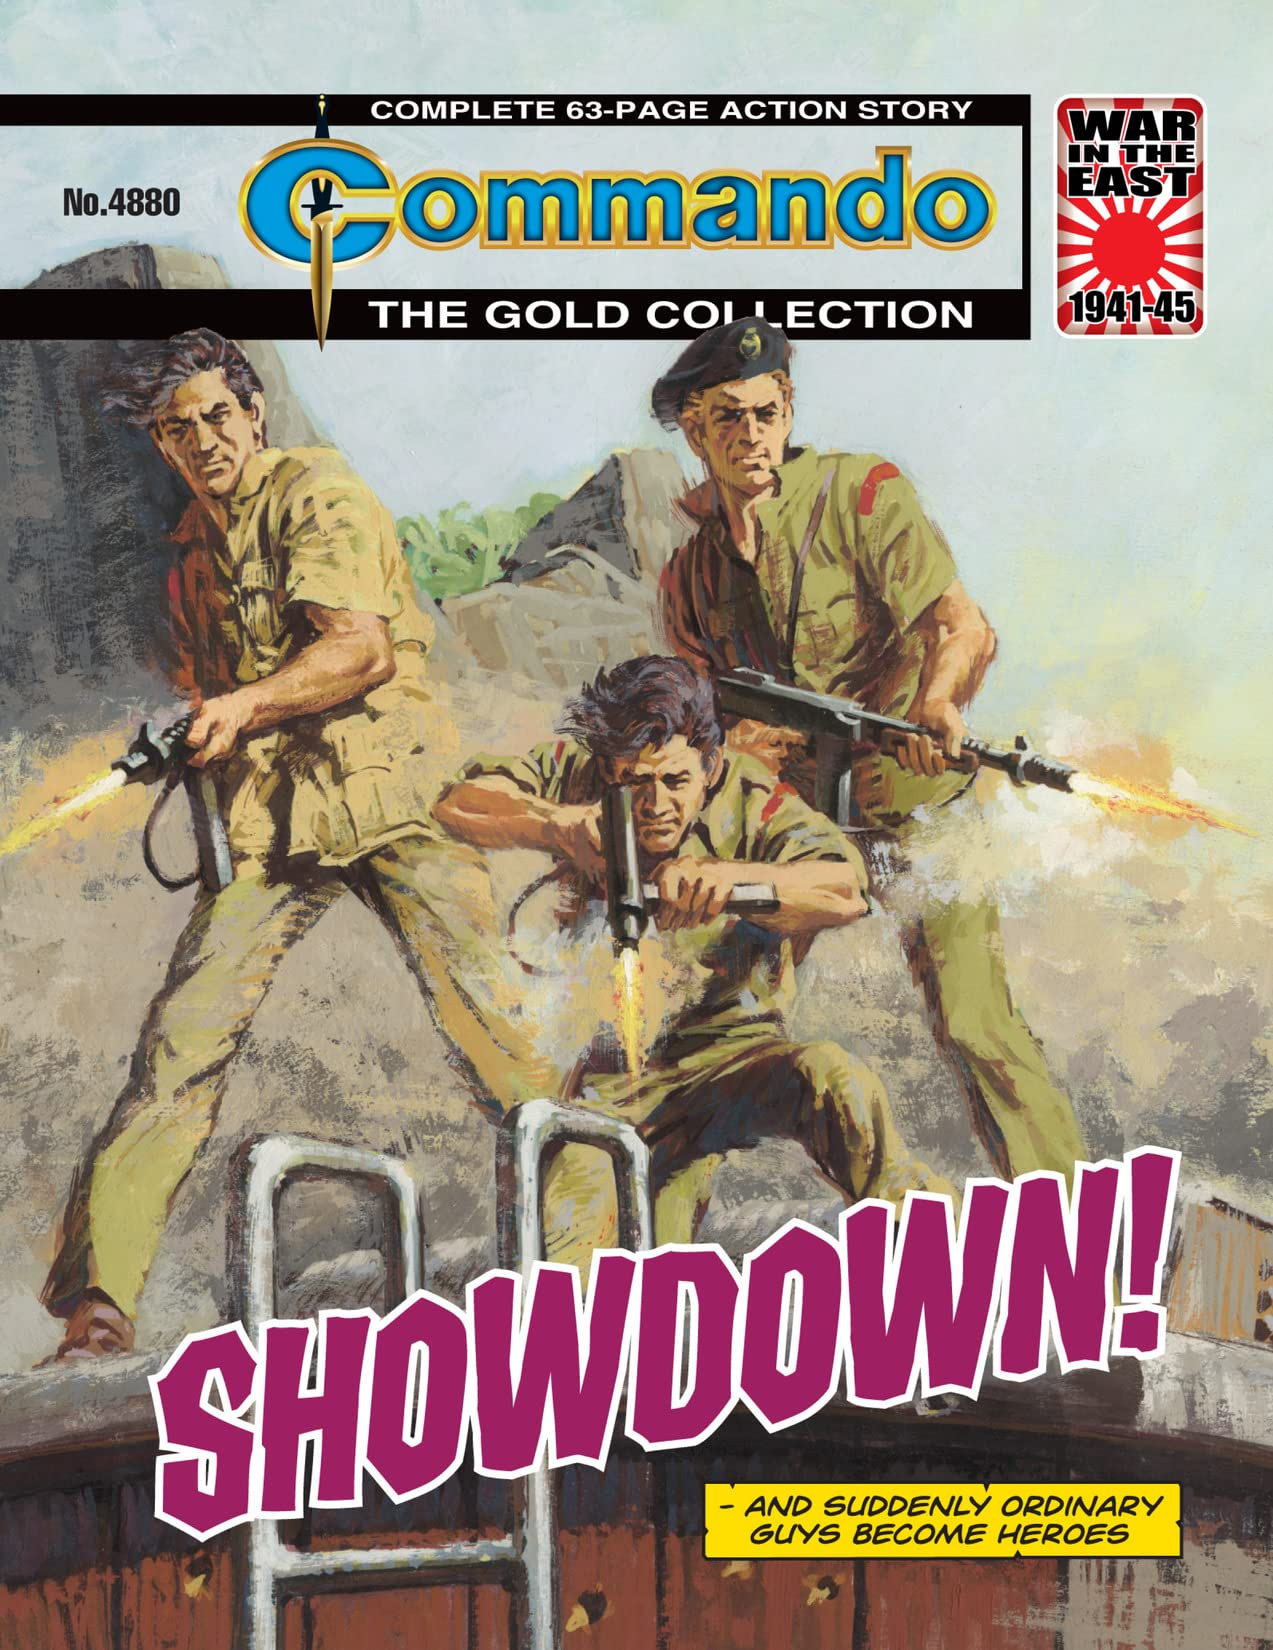 Commando #4880: Showdown